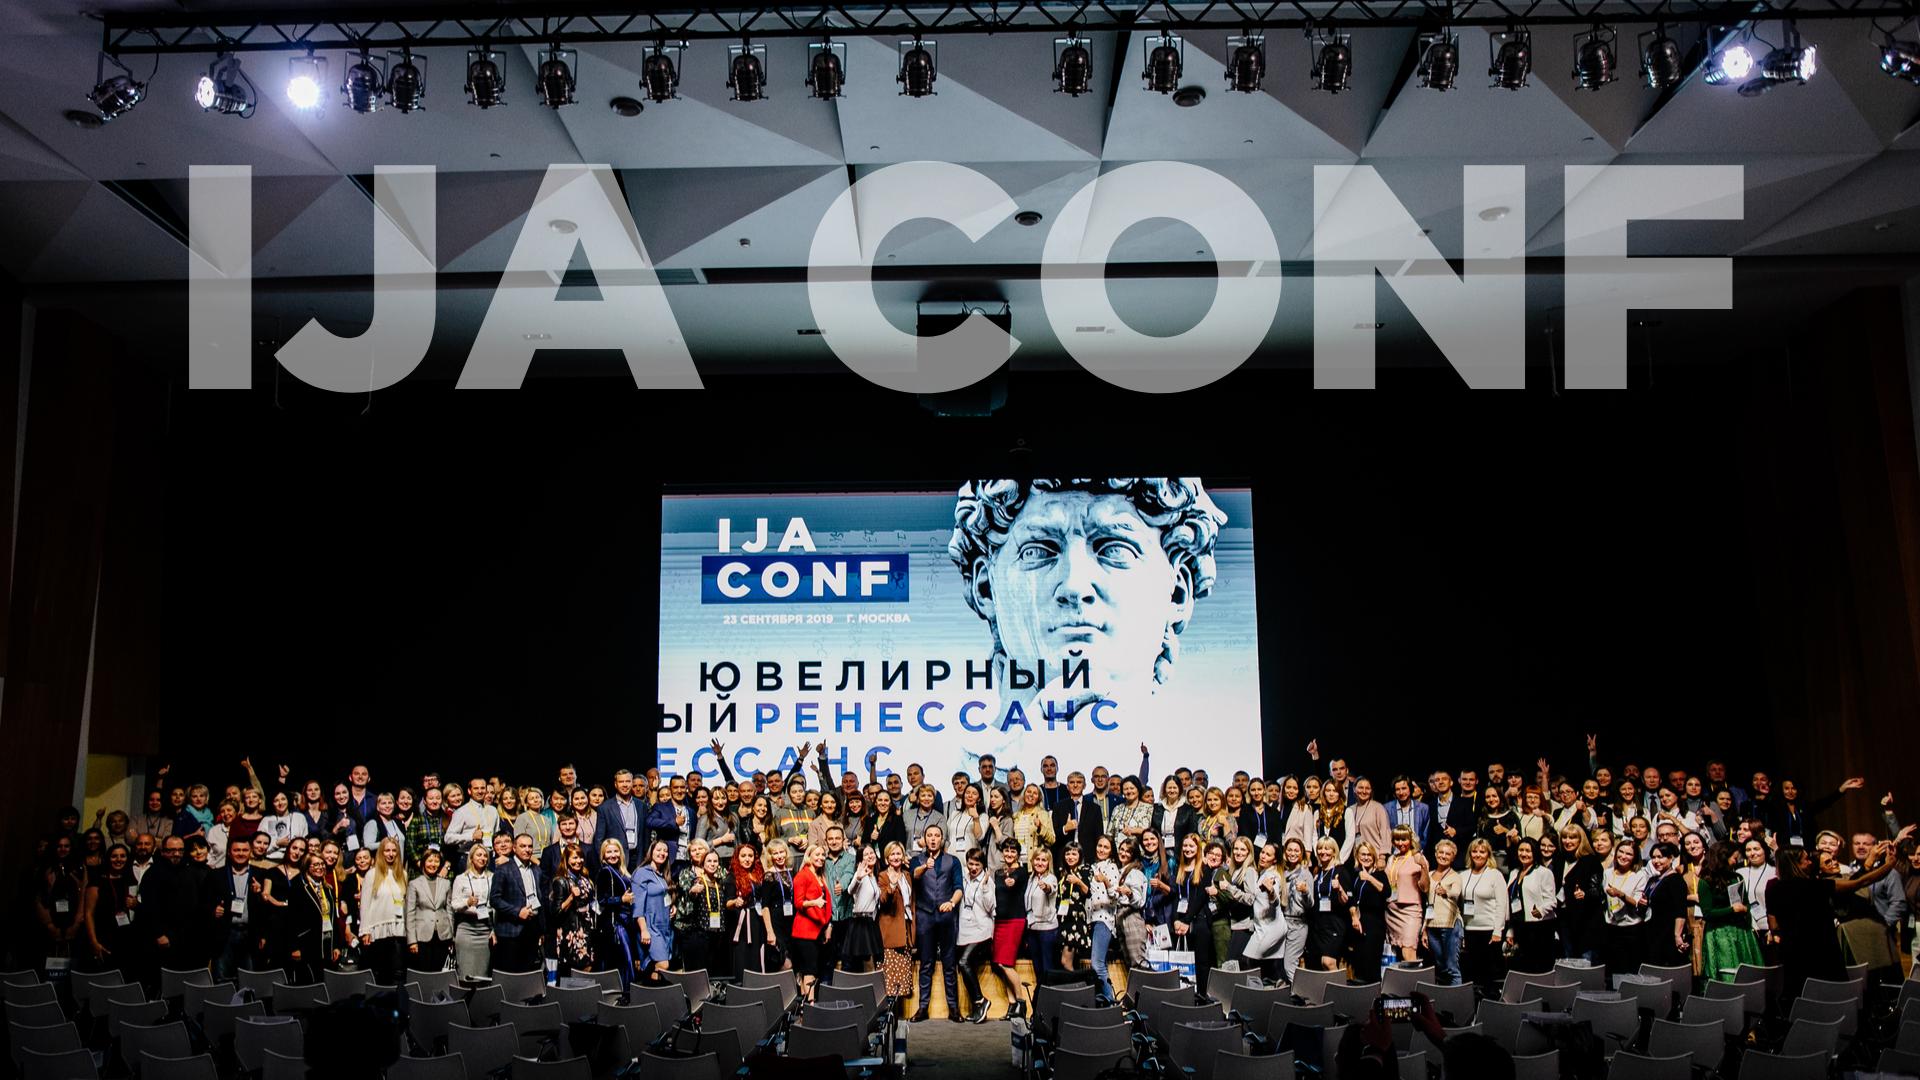 IJA CONFМеждународная ювелирная конференция